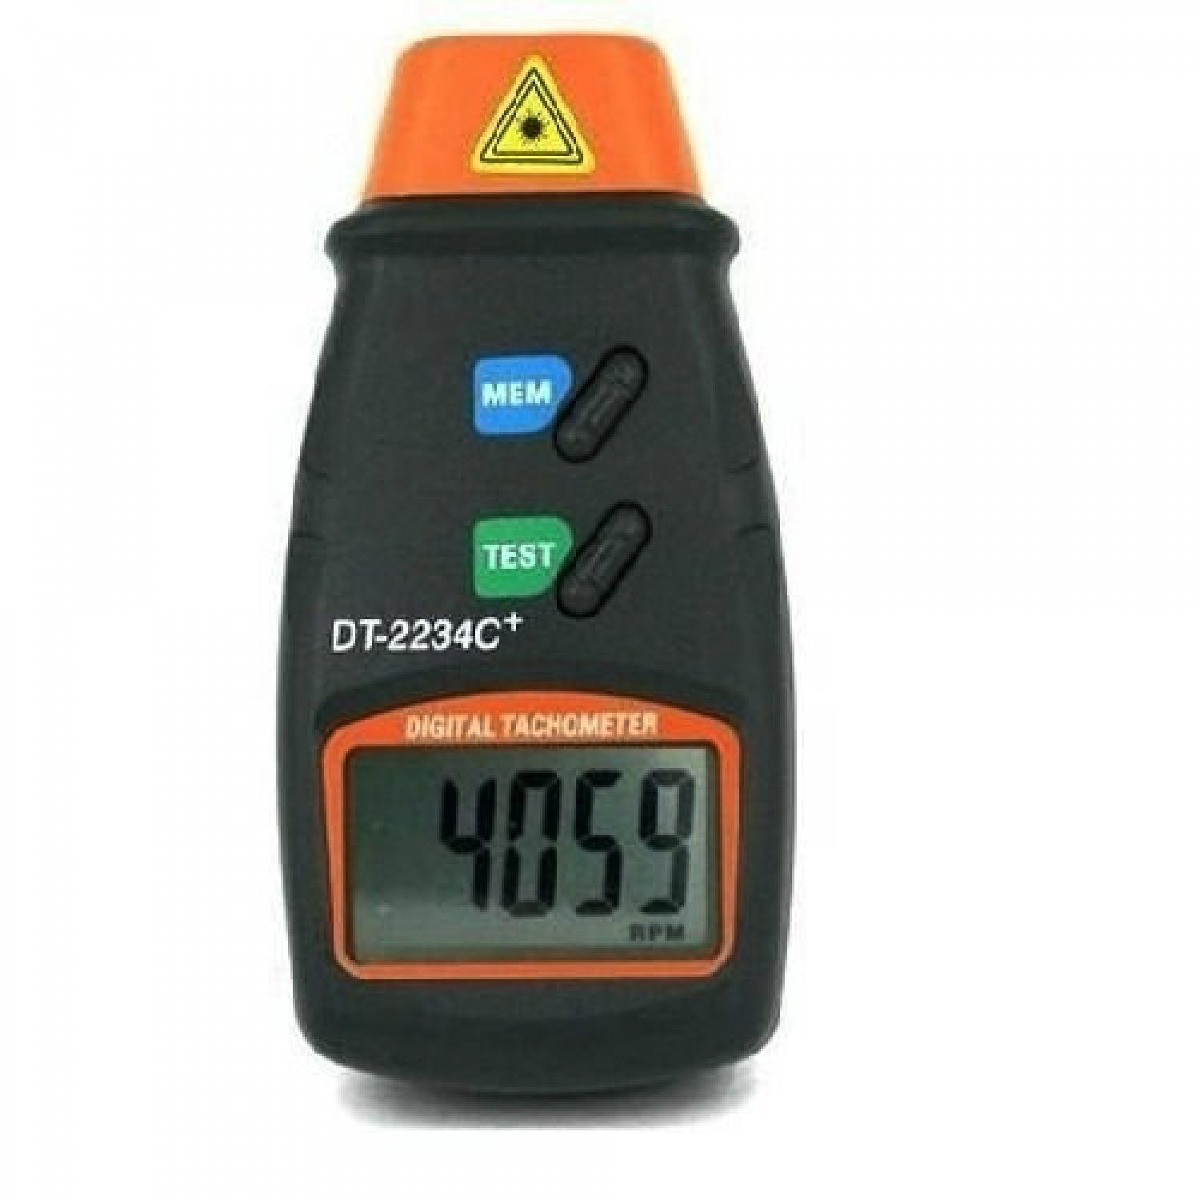 Бесконтактный лазерный тахометр Walcom DT 2234 С+